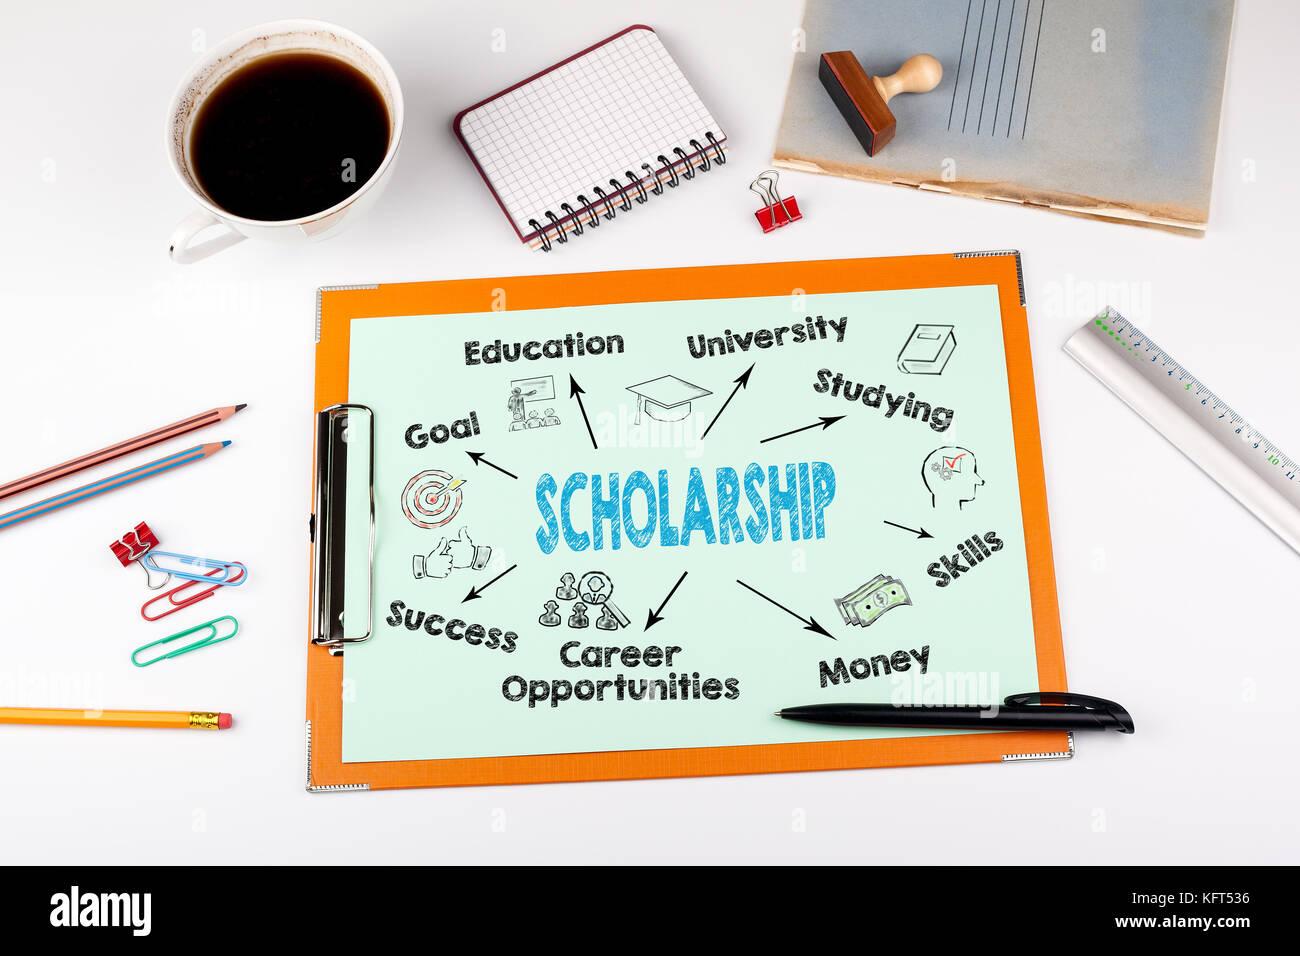 Stipendium Konzept, Schlüsselwörter und Symbole. Schreibtisch mit Briefpapier Stockbild